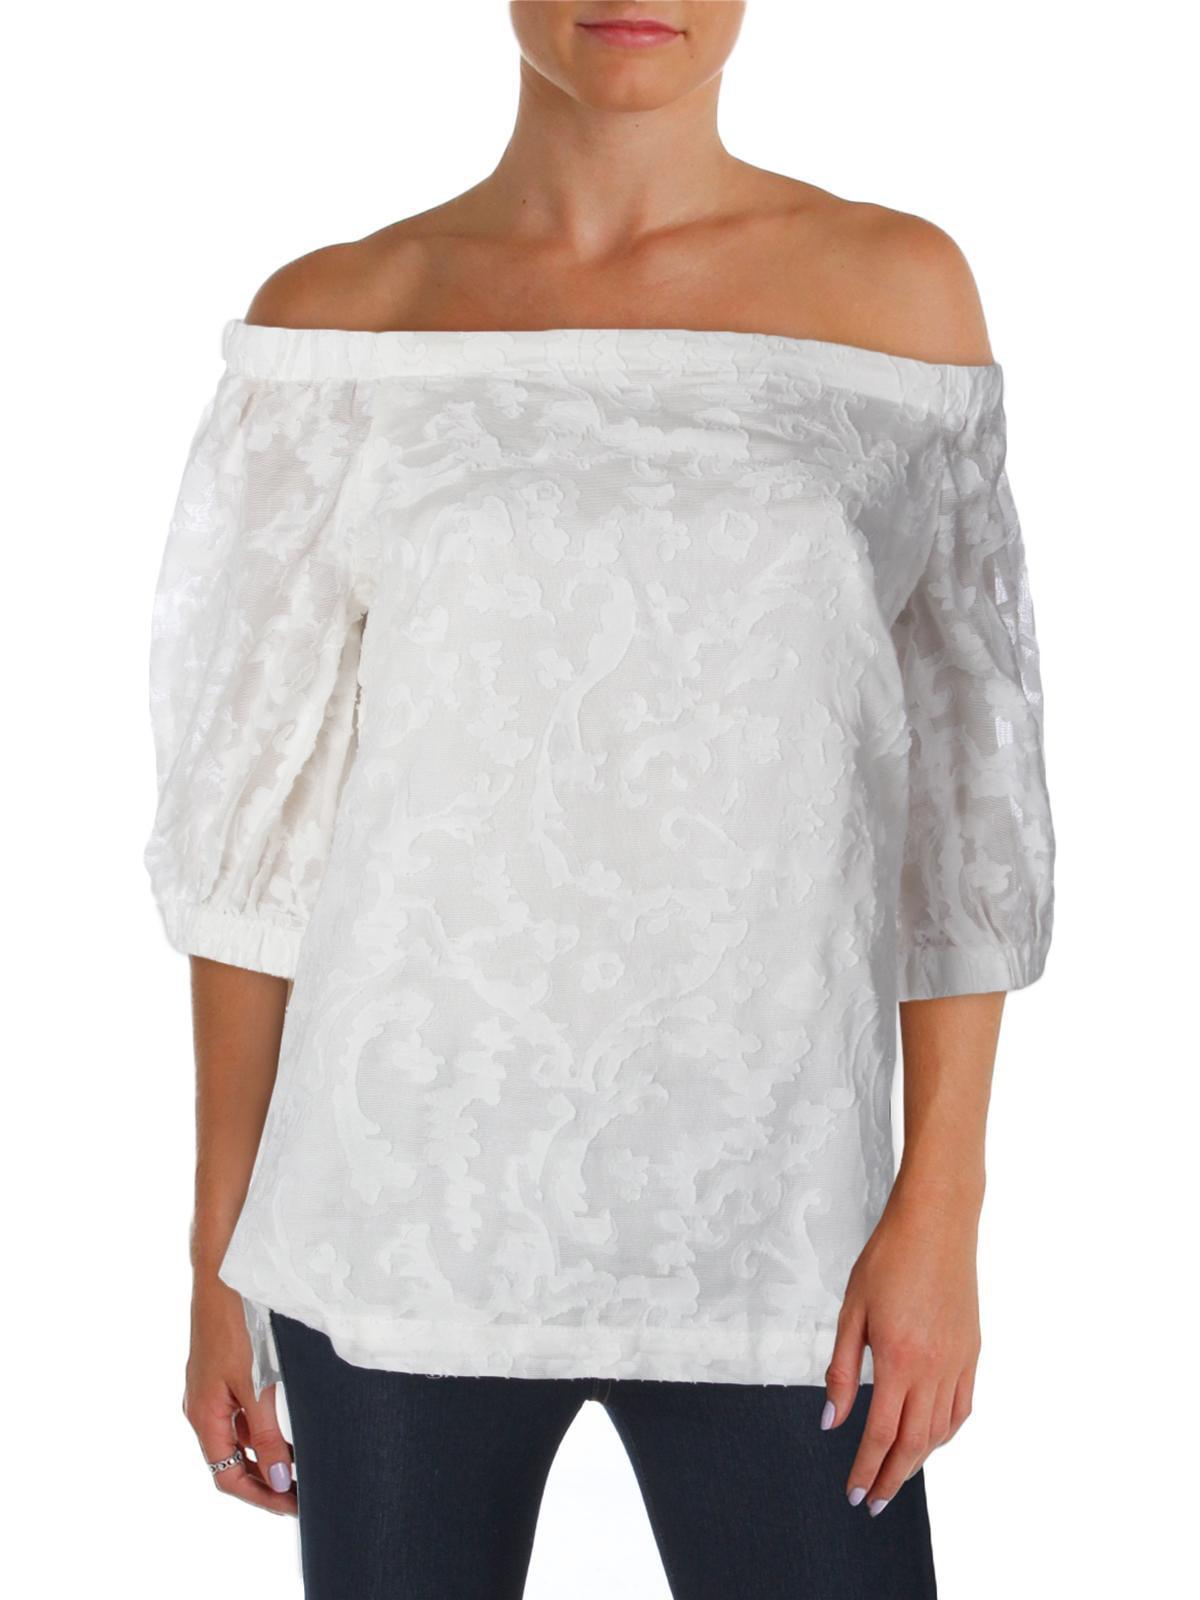 3cda2ce5c73ce5 Lauren Ralph Lauren - Lauren Ralph Lauren Womens Silk Blend Off the Shoulder  Casual Top - Walmart.com